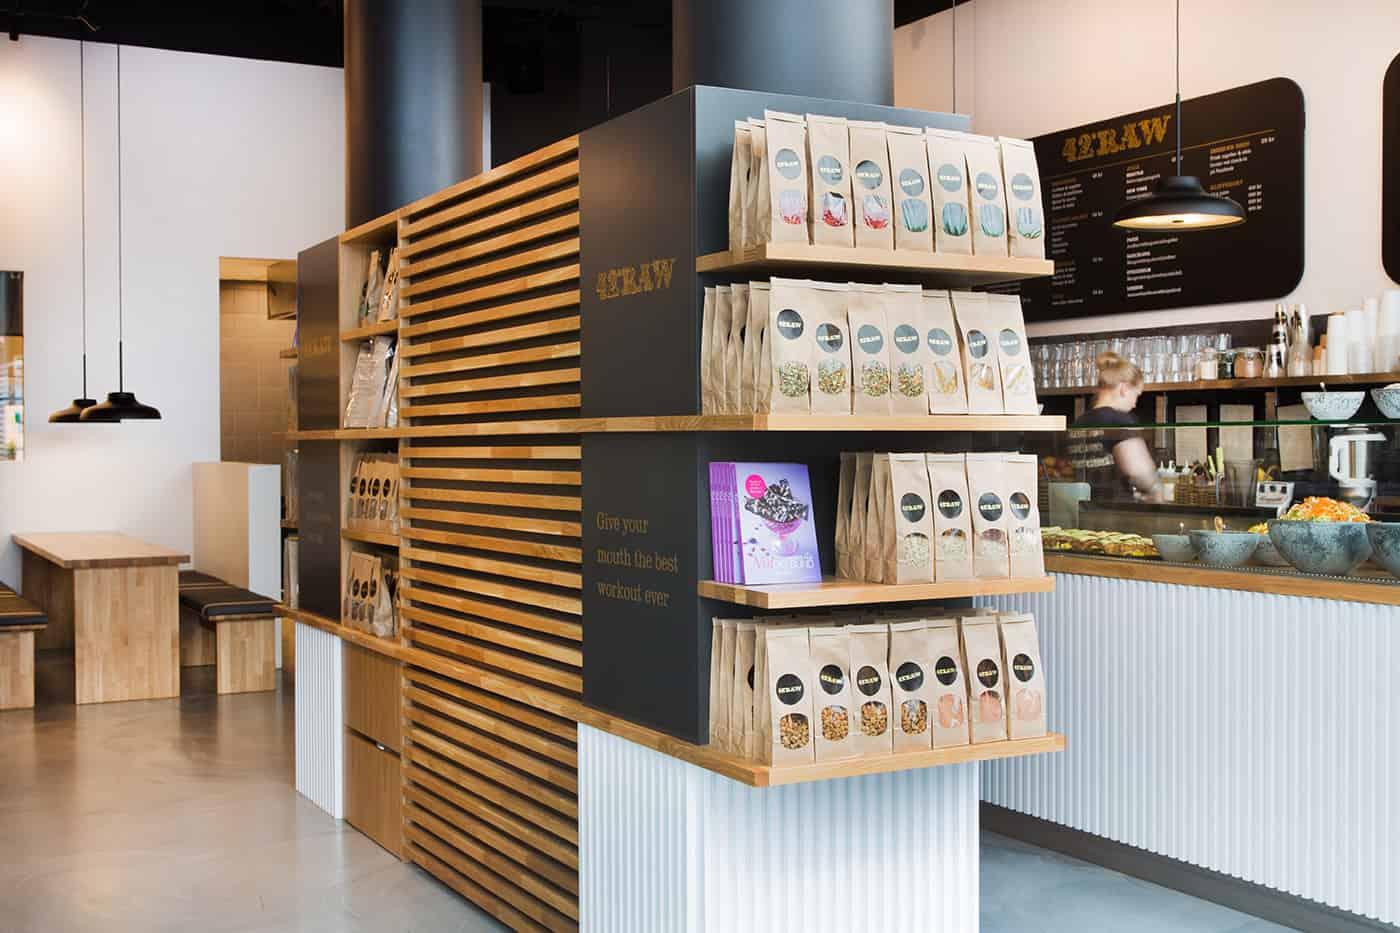 RITAarch, 42RAW, 42RAW Hellerup, indretning, spaceplanning, Cafeindretning, resturantindretning, cafe, display, udstilling